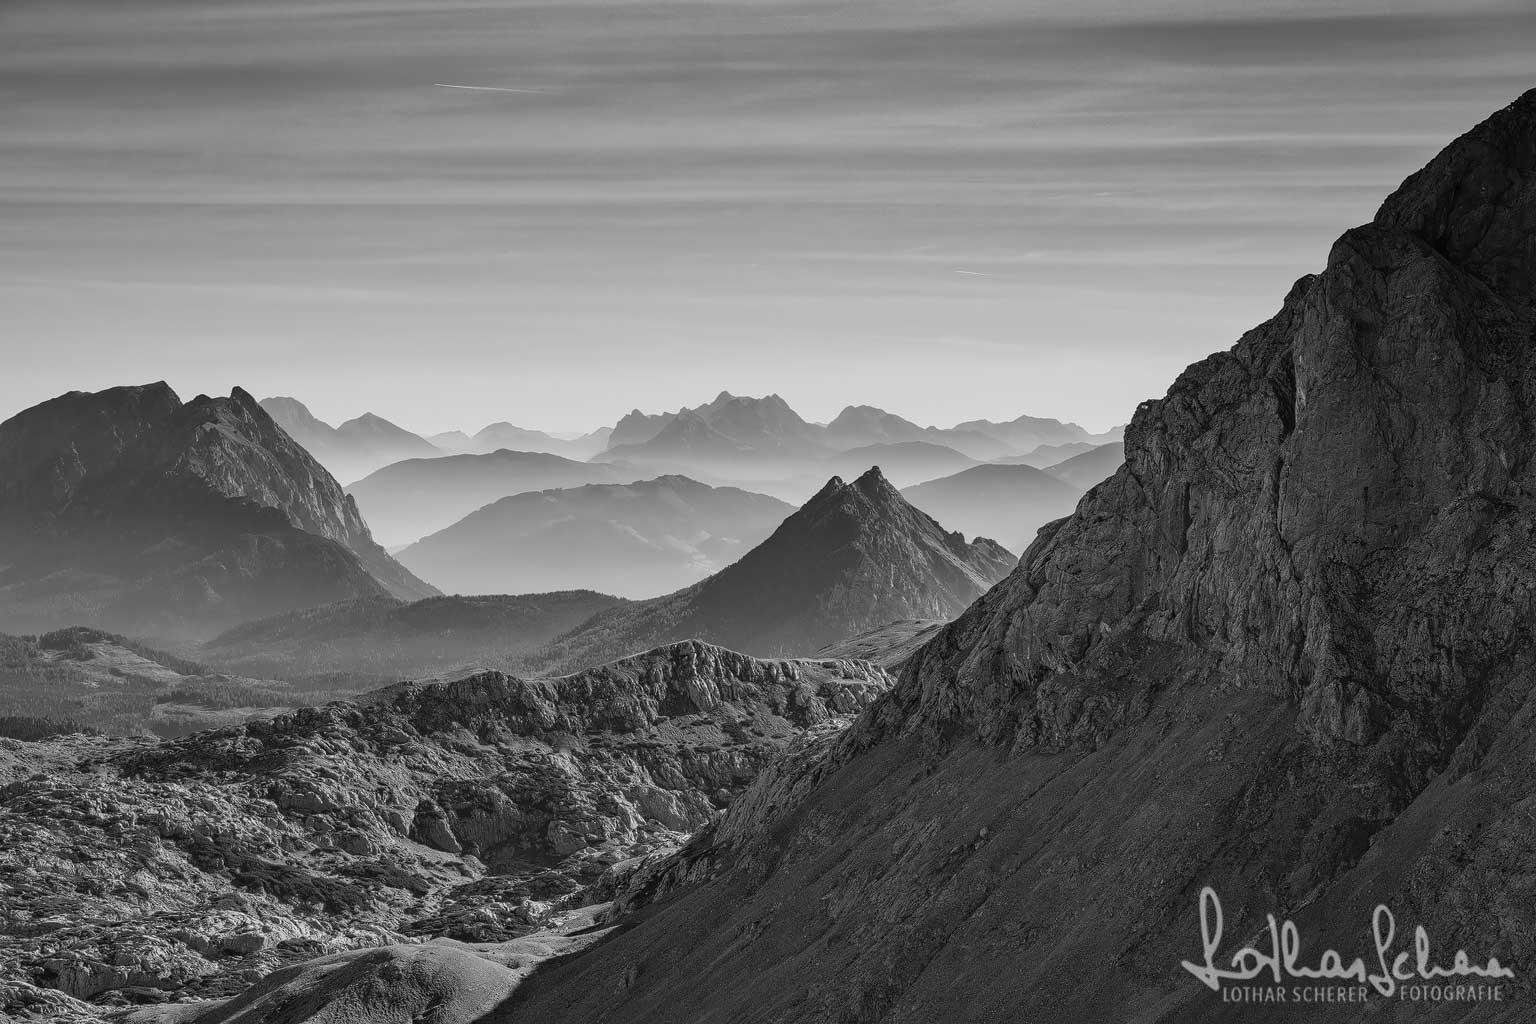 Scheichenspitze, Blick nach Osten